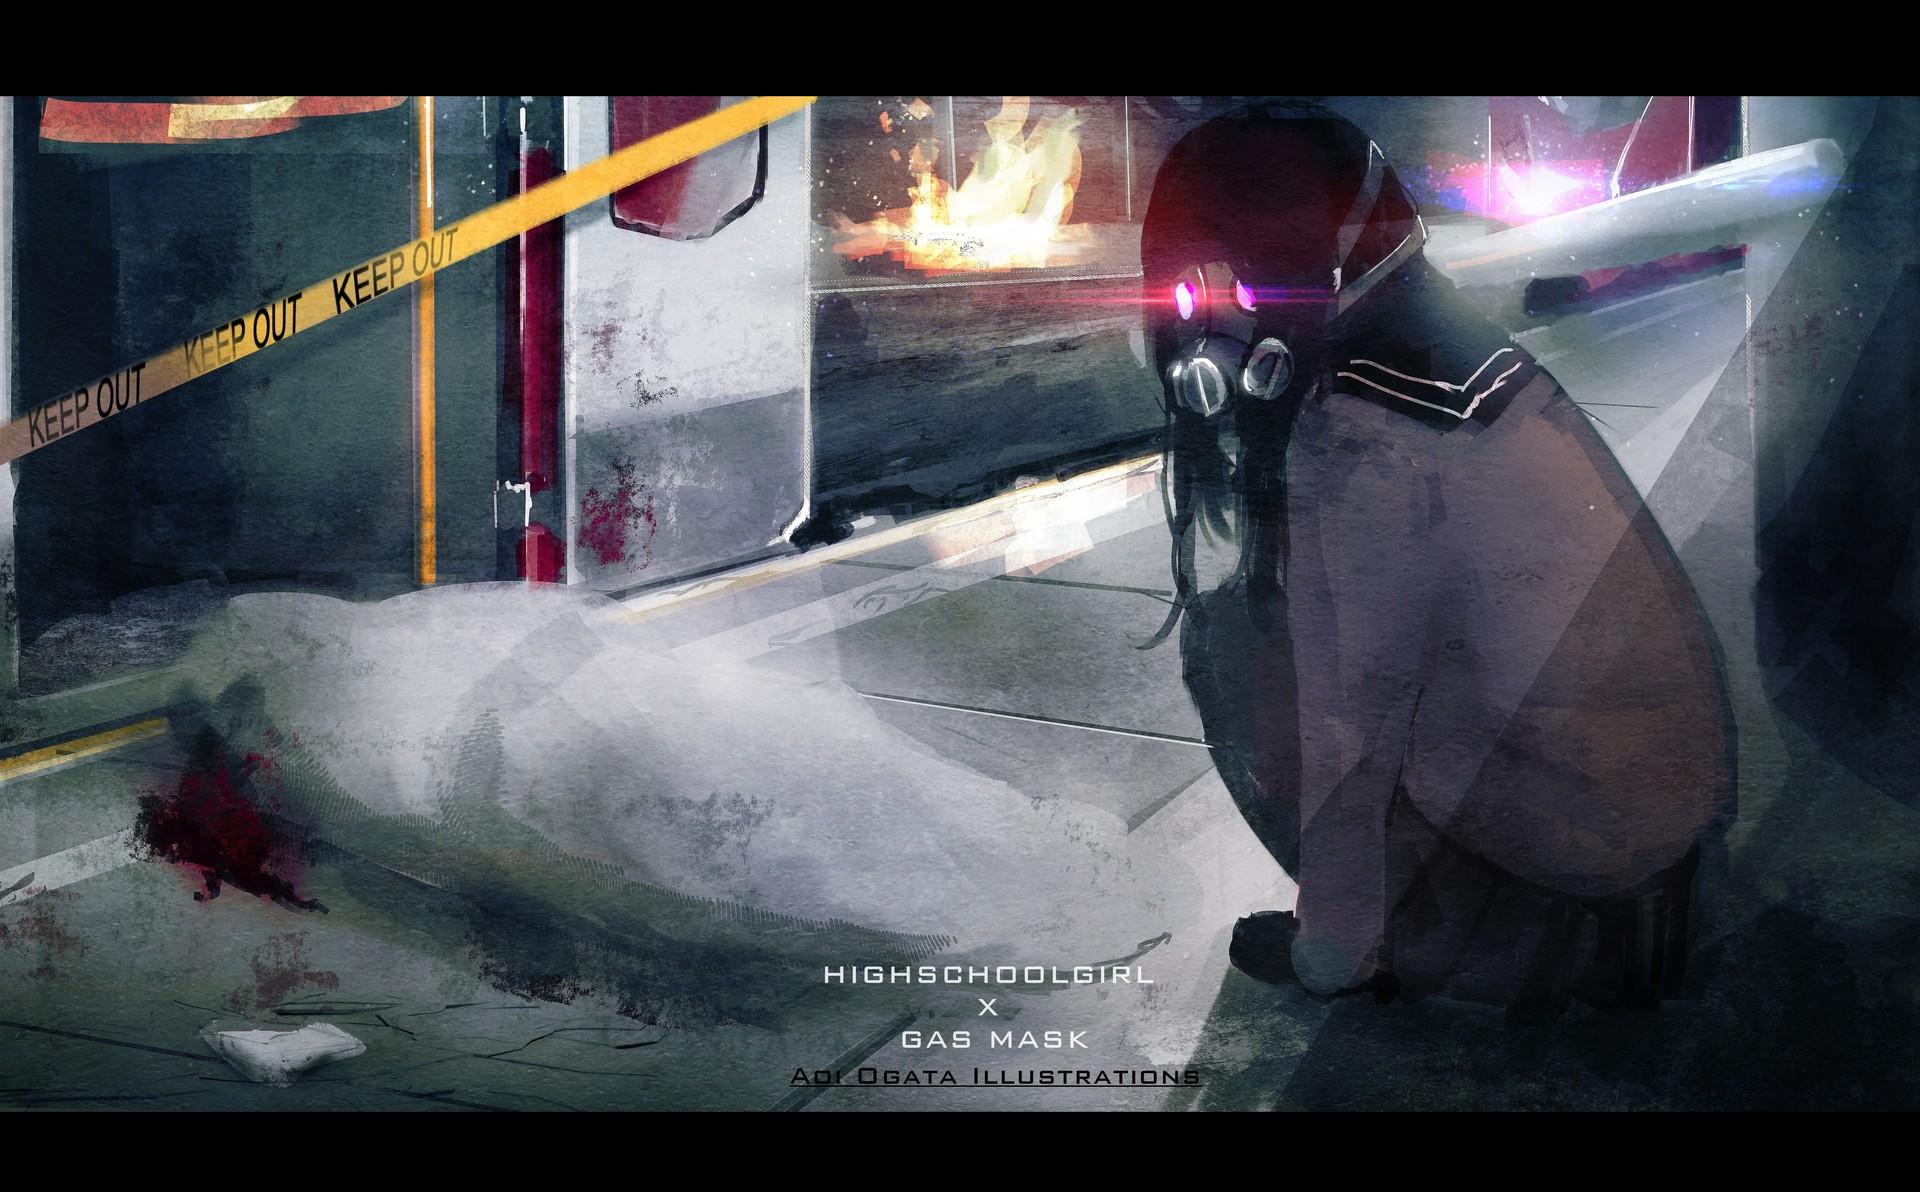 Aoi ogata uhfd33